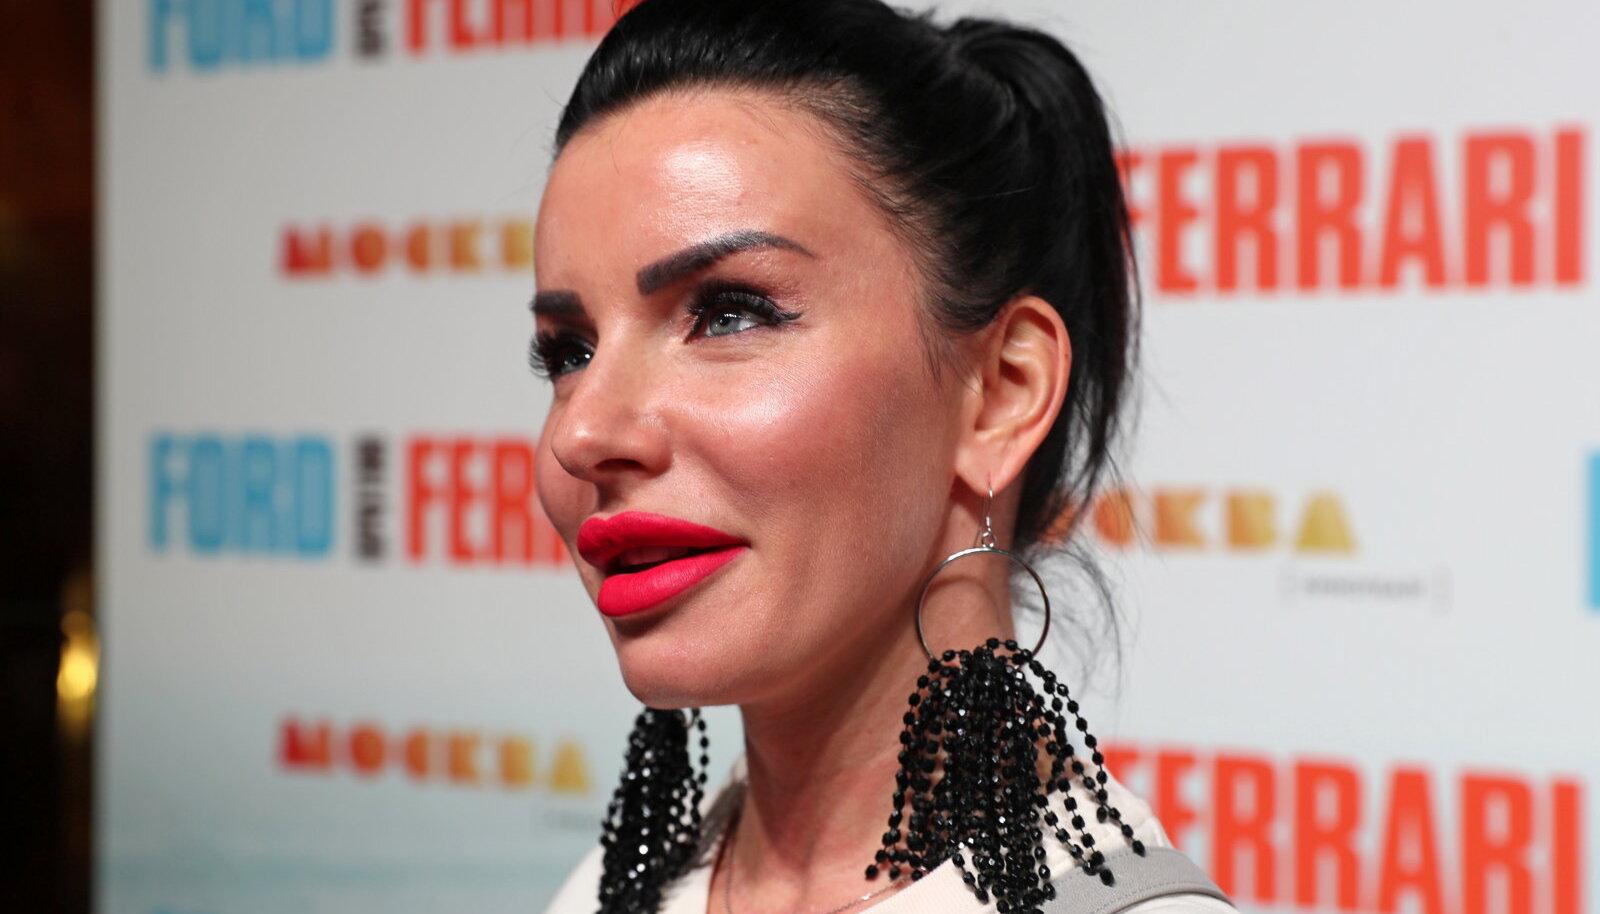 Julia Volkova, 2019